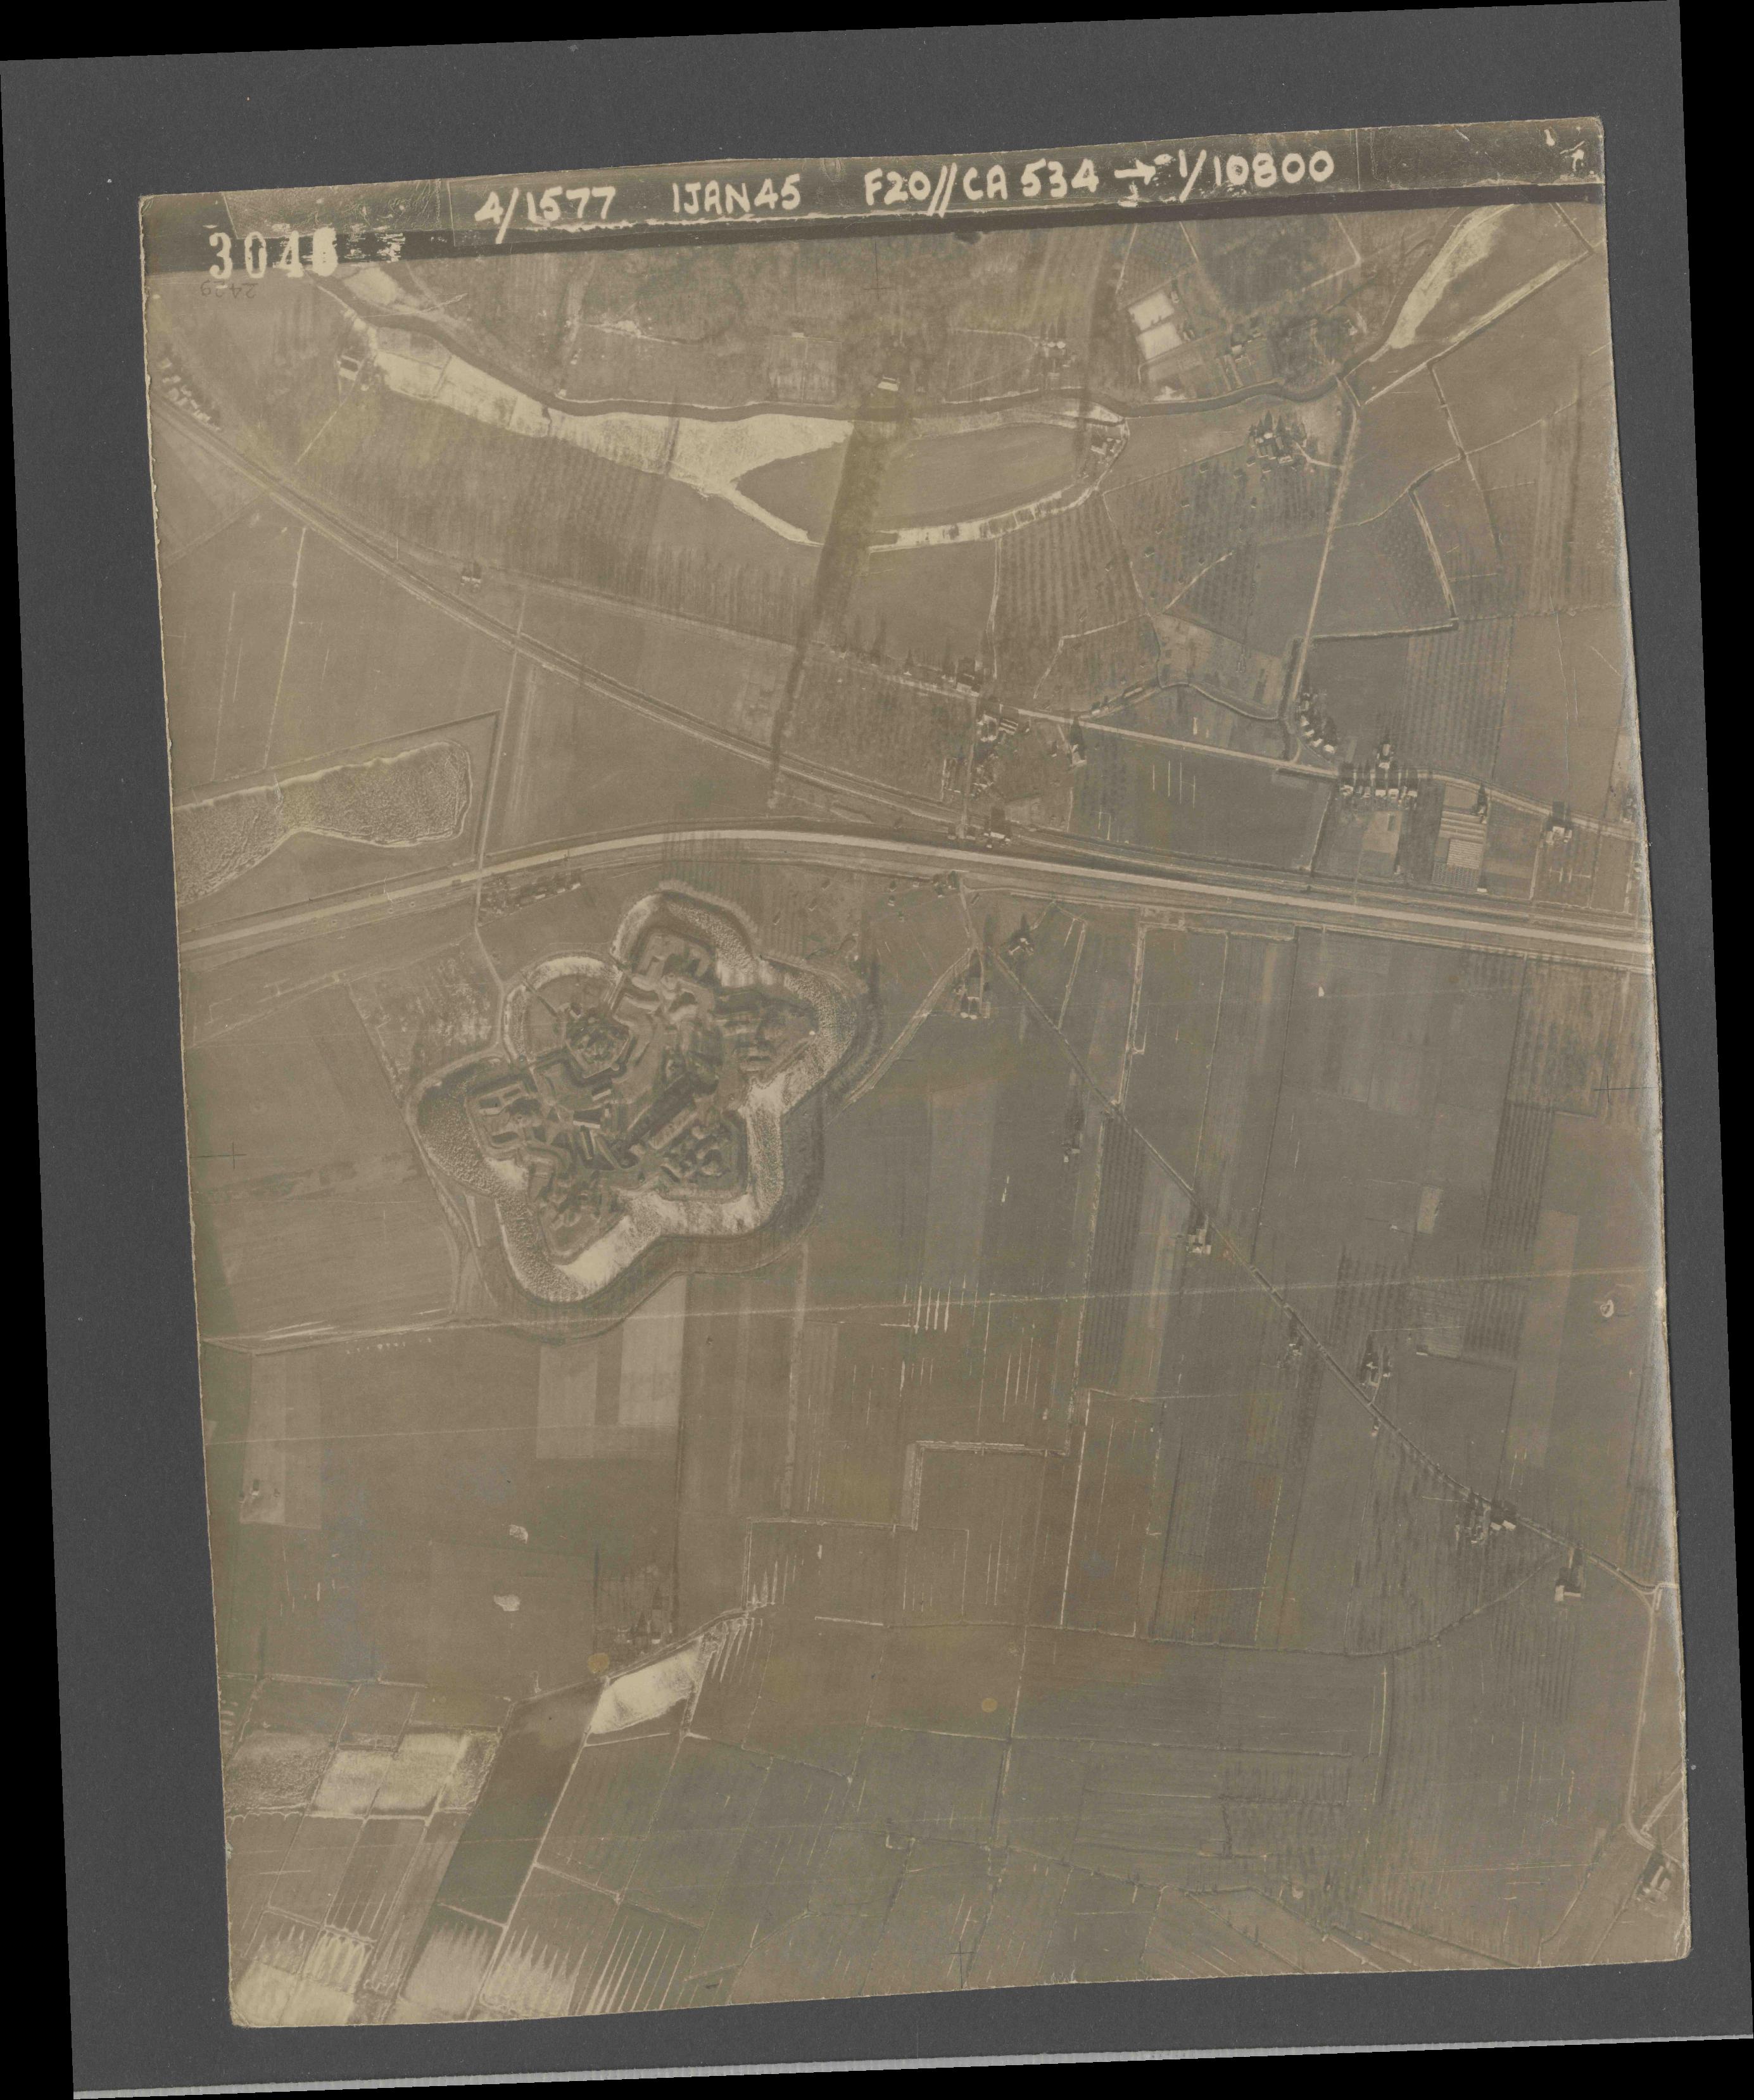 Collection RAF aerial photos 1940-1945 - flight 105, run 03, photo 3046